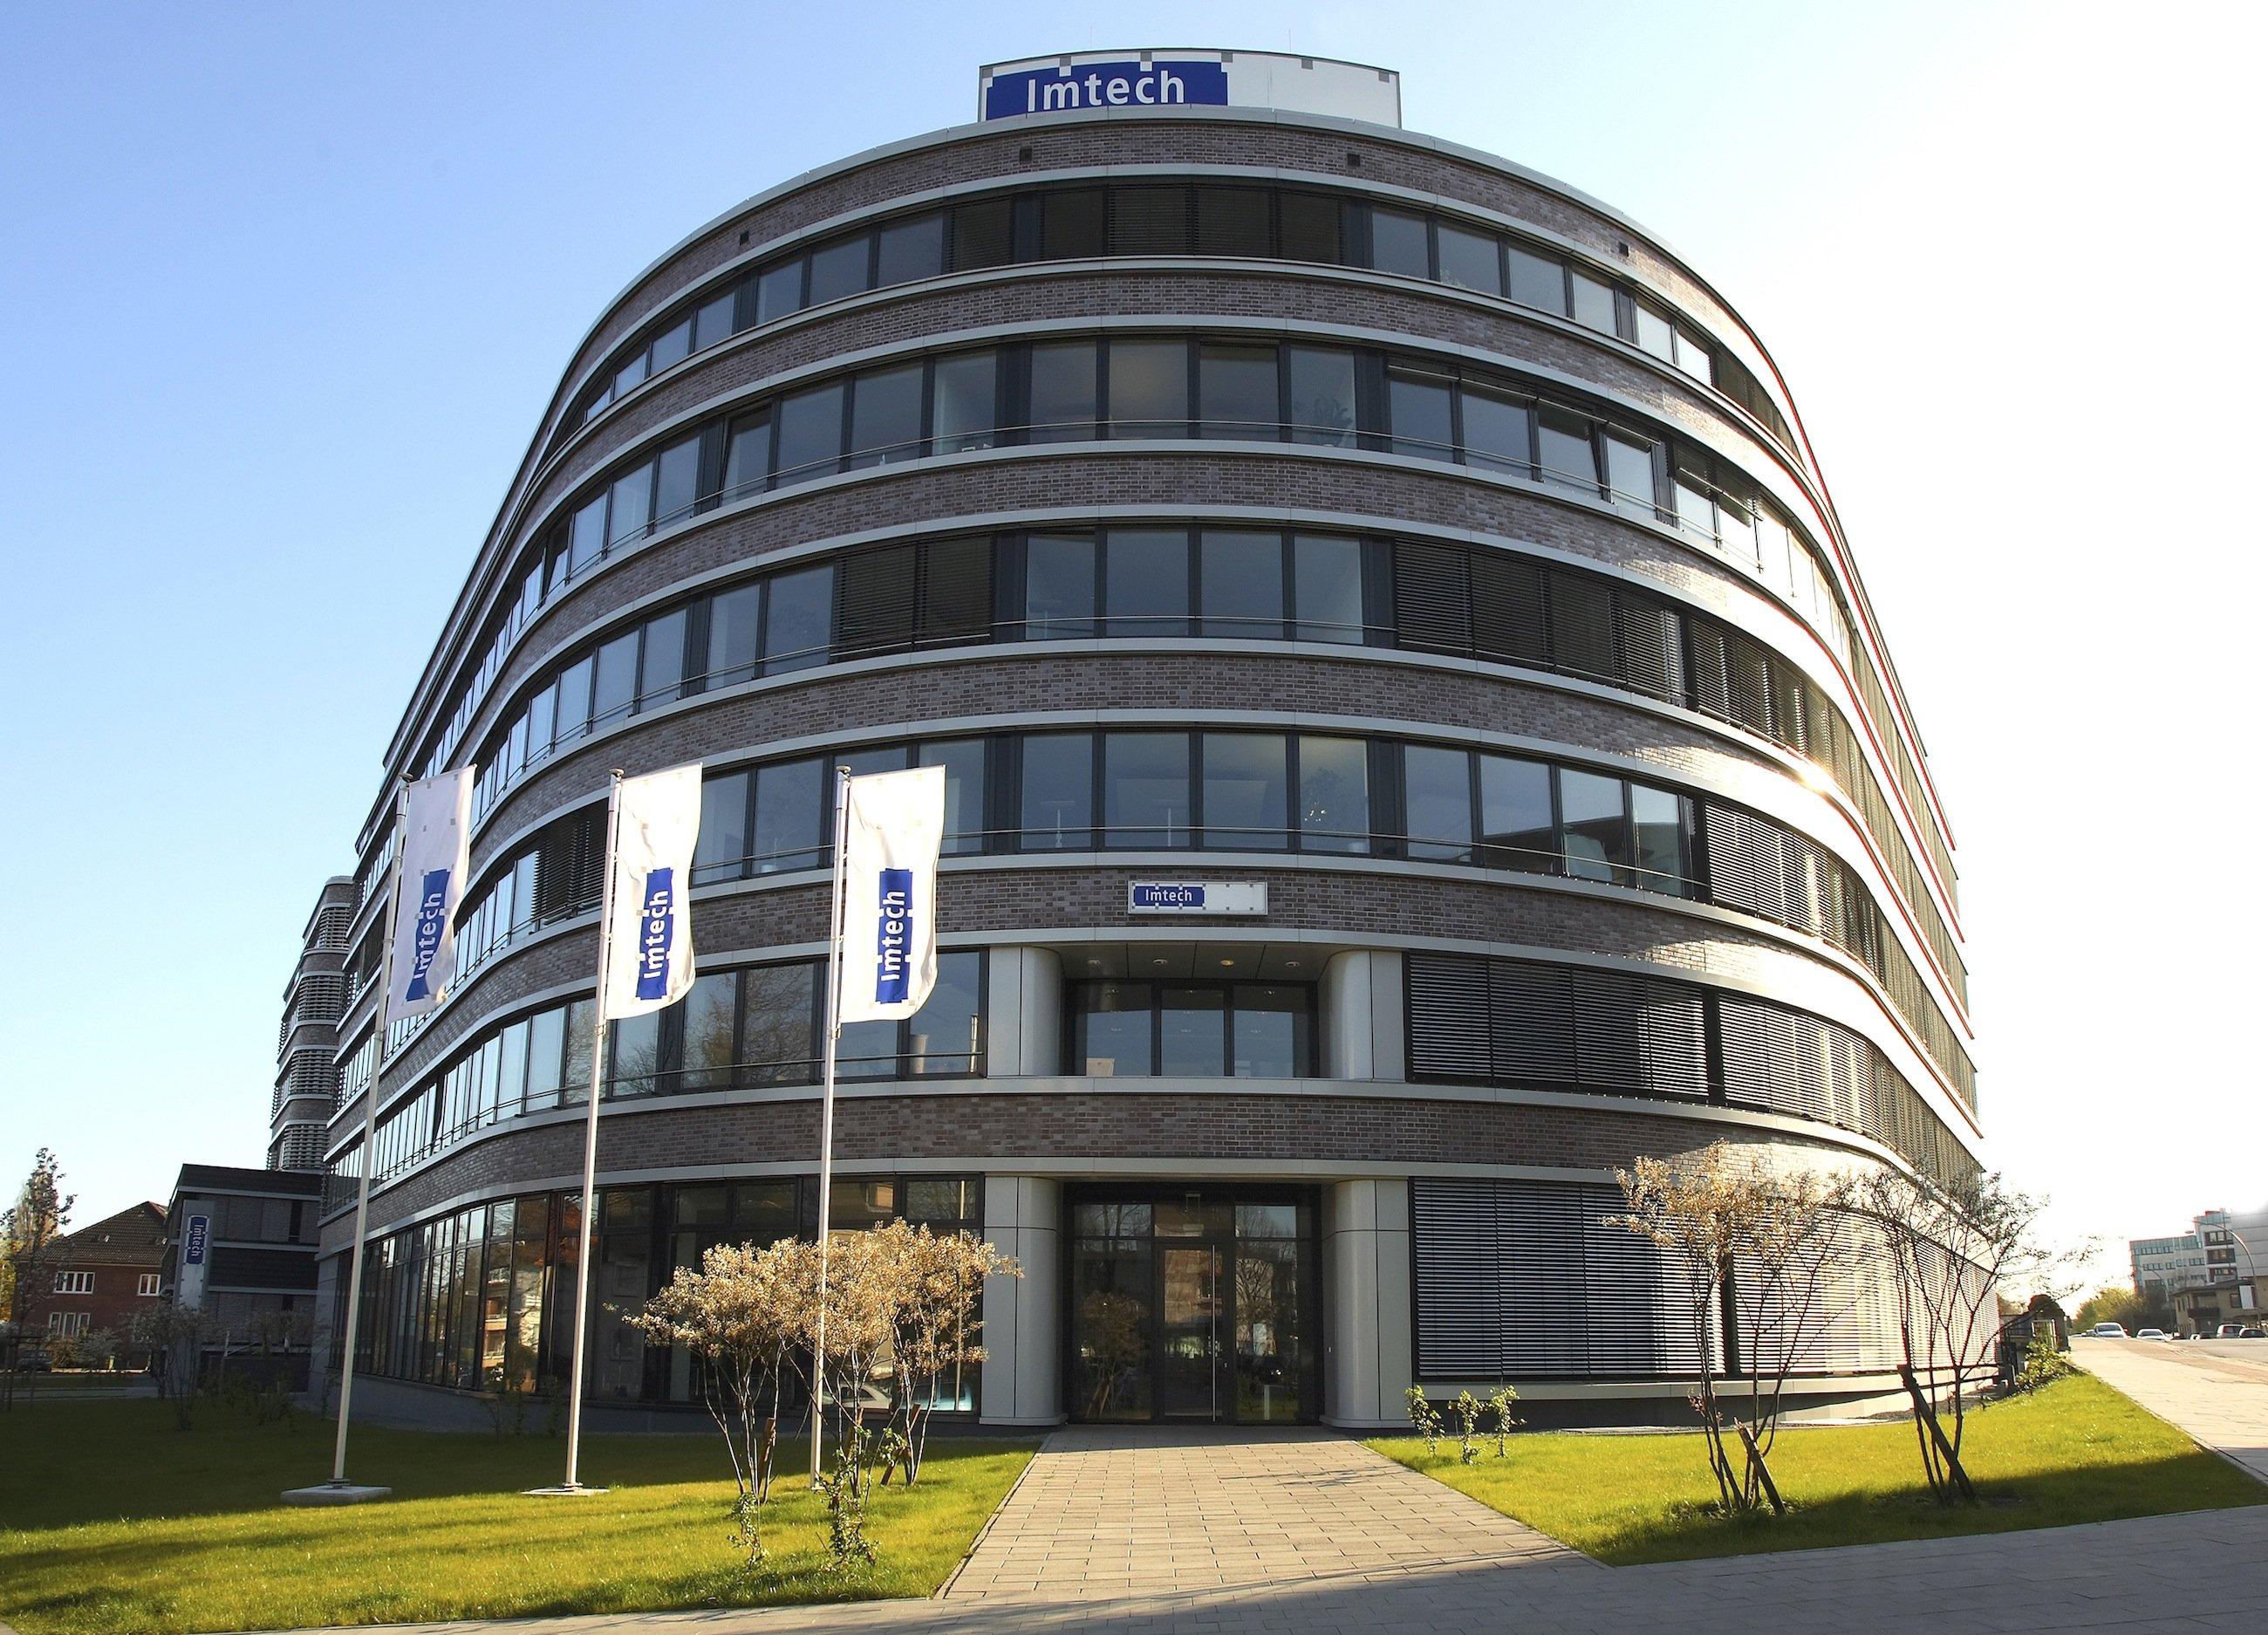 Firmenzentrale Imtech Deutschland in Hamburg: Der Baudienstleister hat Insolvenz angemeldet und sucht händeringend nach zahlungskräftigen Investoren.